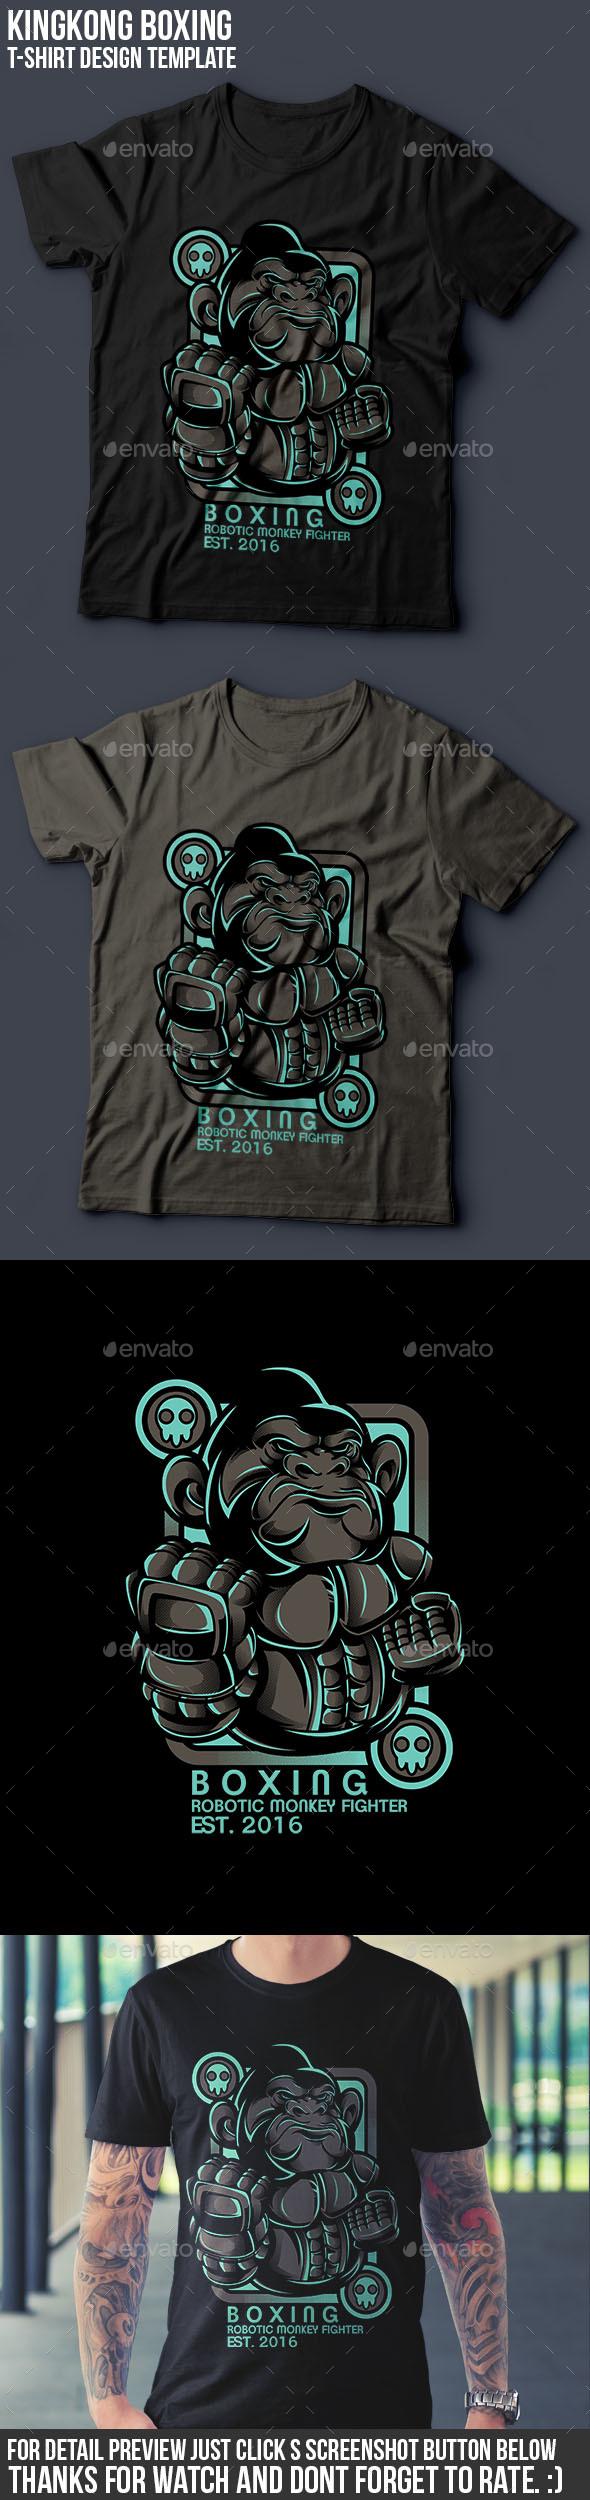 Kingkong Boxing - Sports & Teams T-Shirts